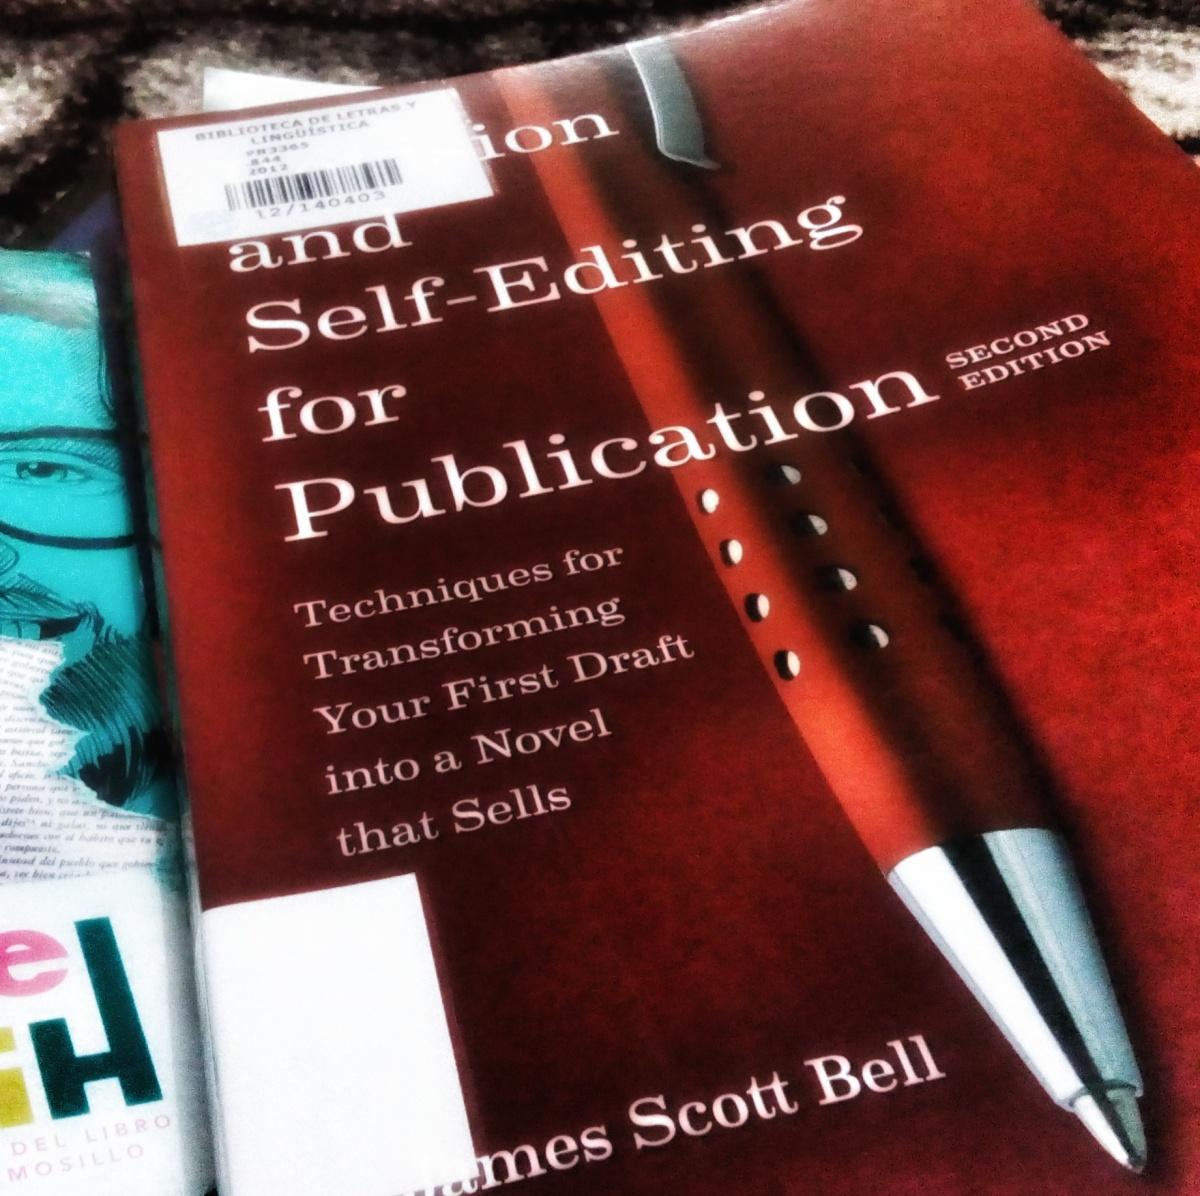 [Diario de un estudiante de letras] Cuando el autor cree que sus lectores sonidiotas